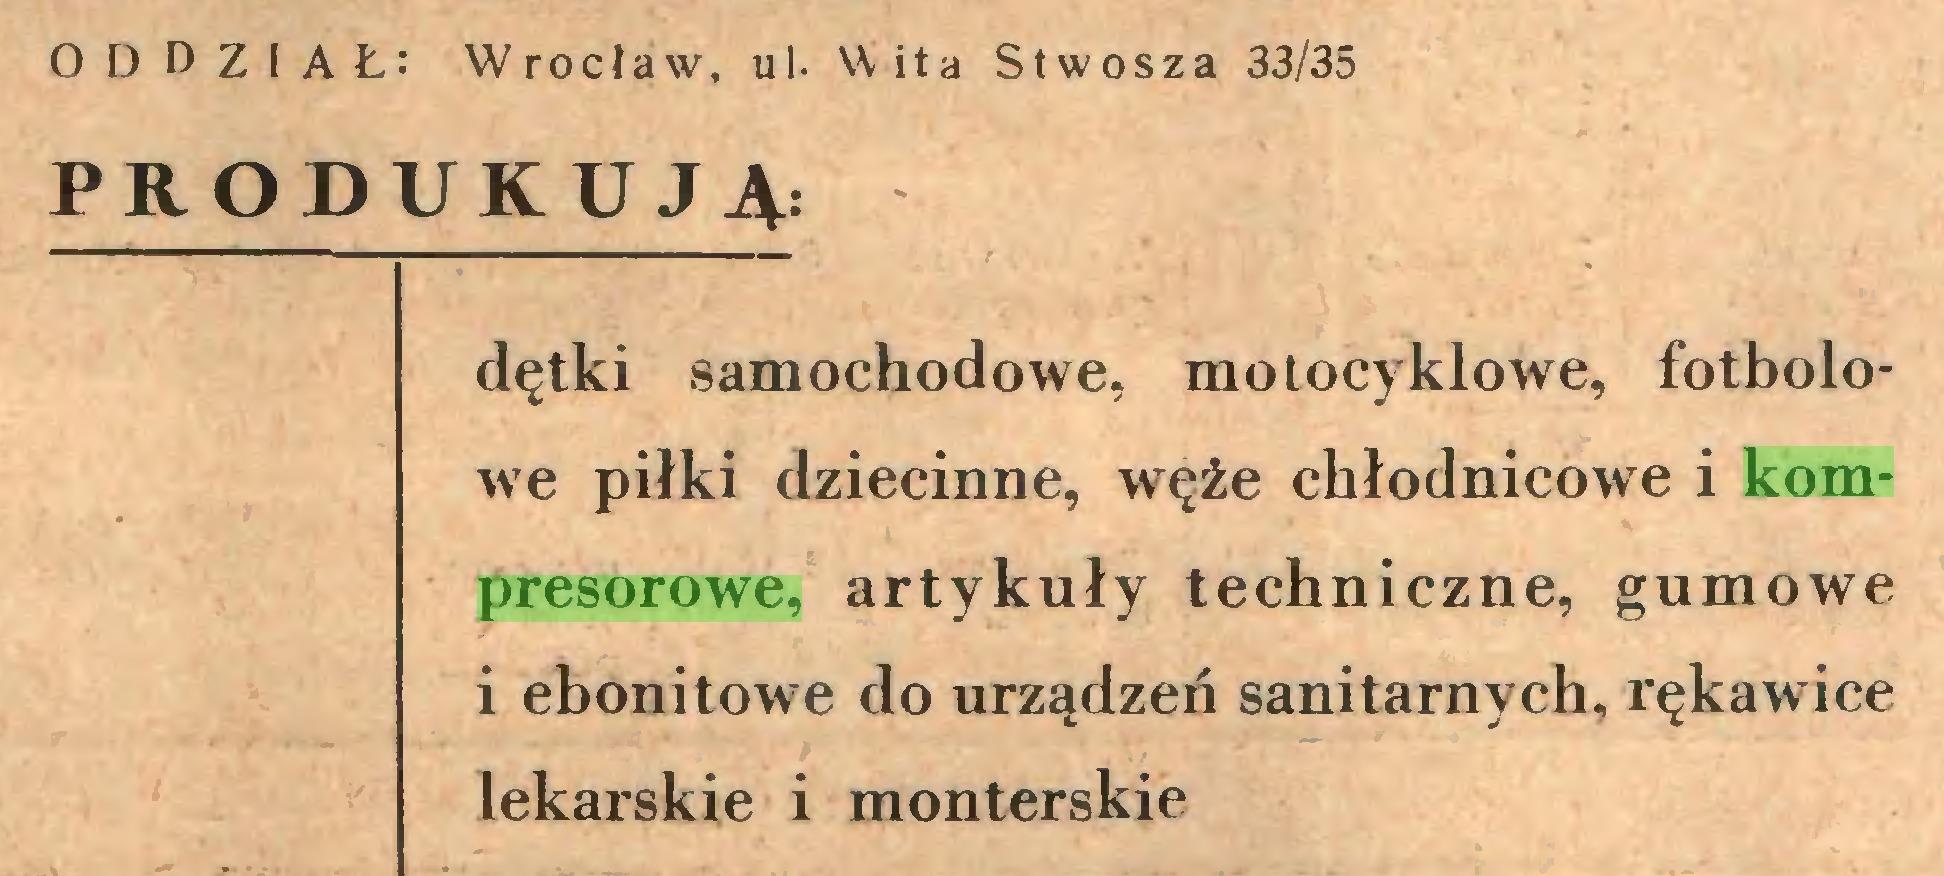 (...) O D D Z I AŁ: Wrocław, ul. Wita Stwosza 33/35 PRODUKUJĄ: dętki samochodowe, motocyklowe, fotbolowe piłki dziecinne, węże ehłodnicowe i kompresorowe, artykuły techniczne, gumowe i ebonitowe do urządzeń sanitarnych, rękawice lekarskie i monterskie...